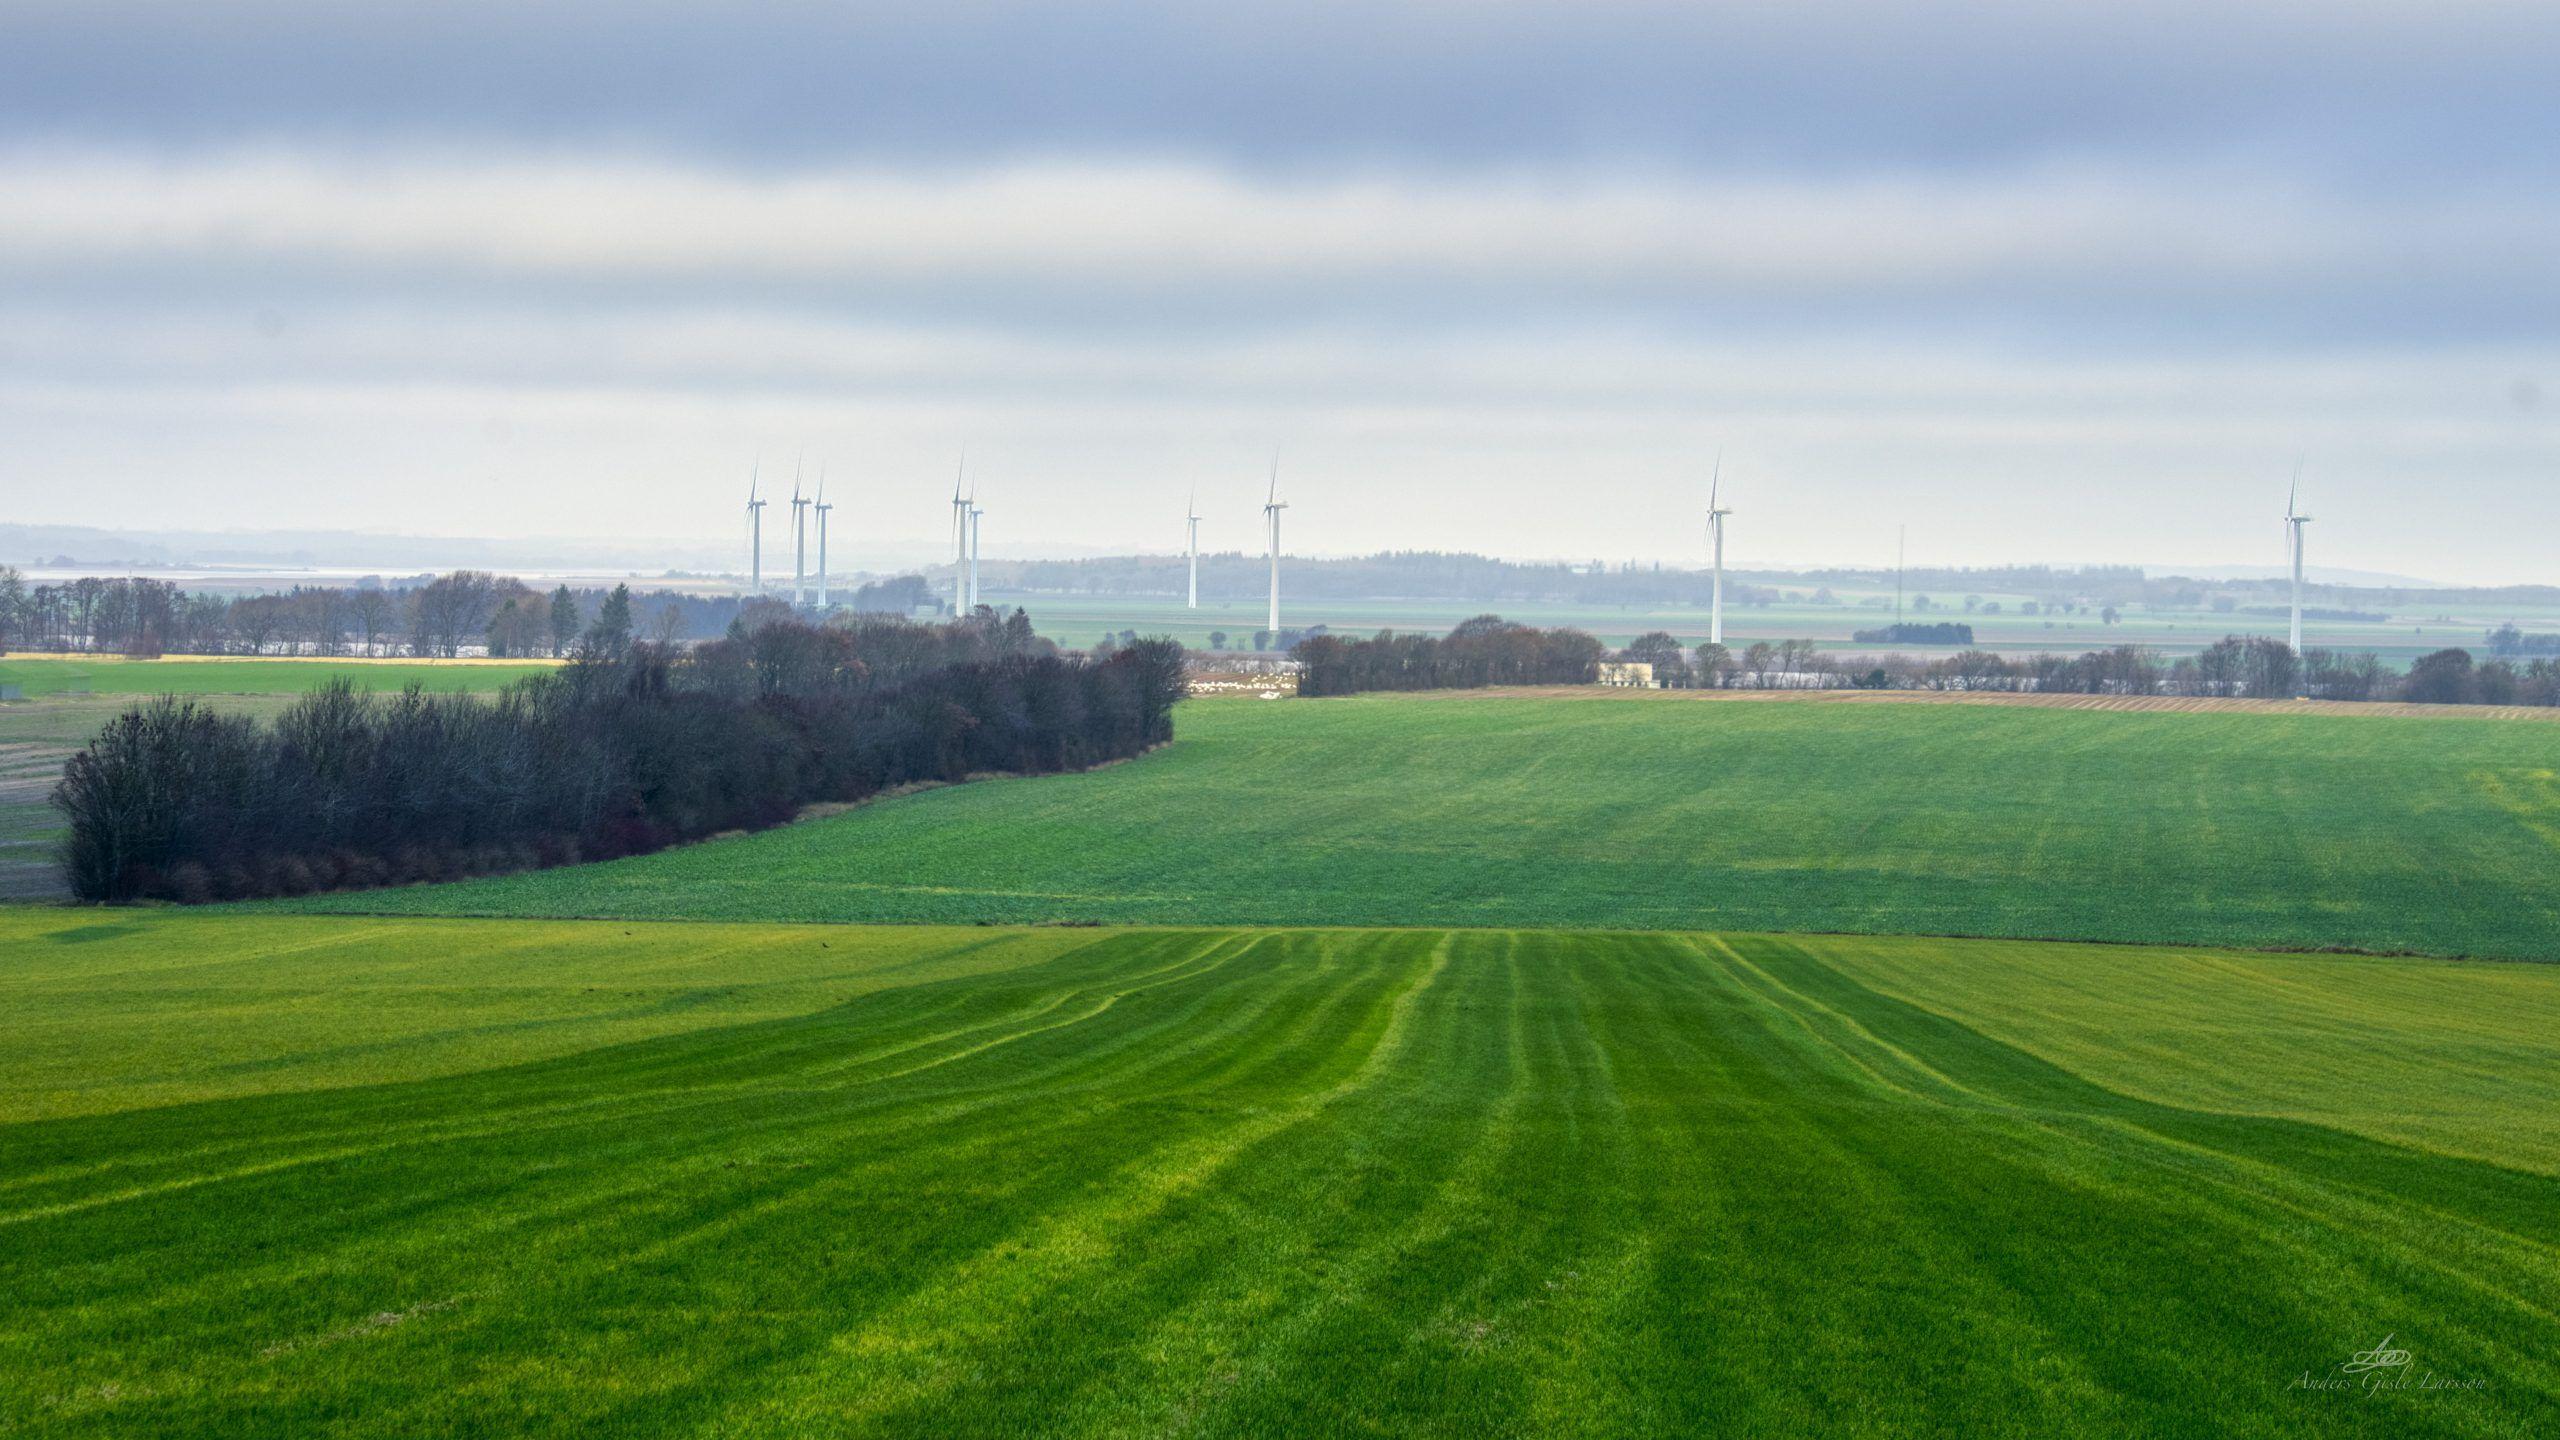 Grøn vind, 361/365, Uge 52, Grund Fjord, Fausing, Randers